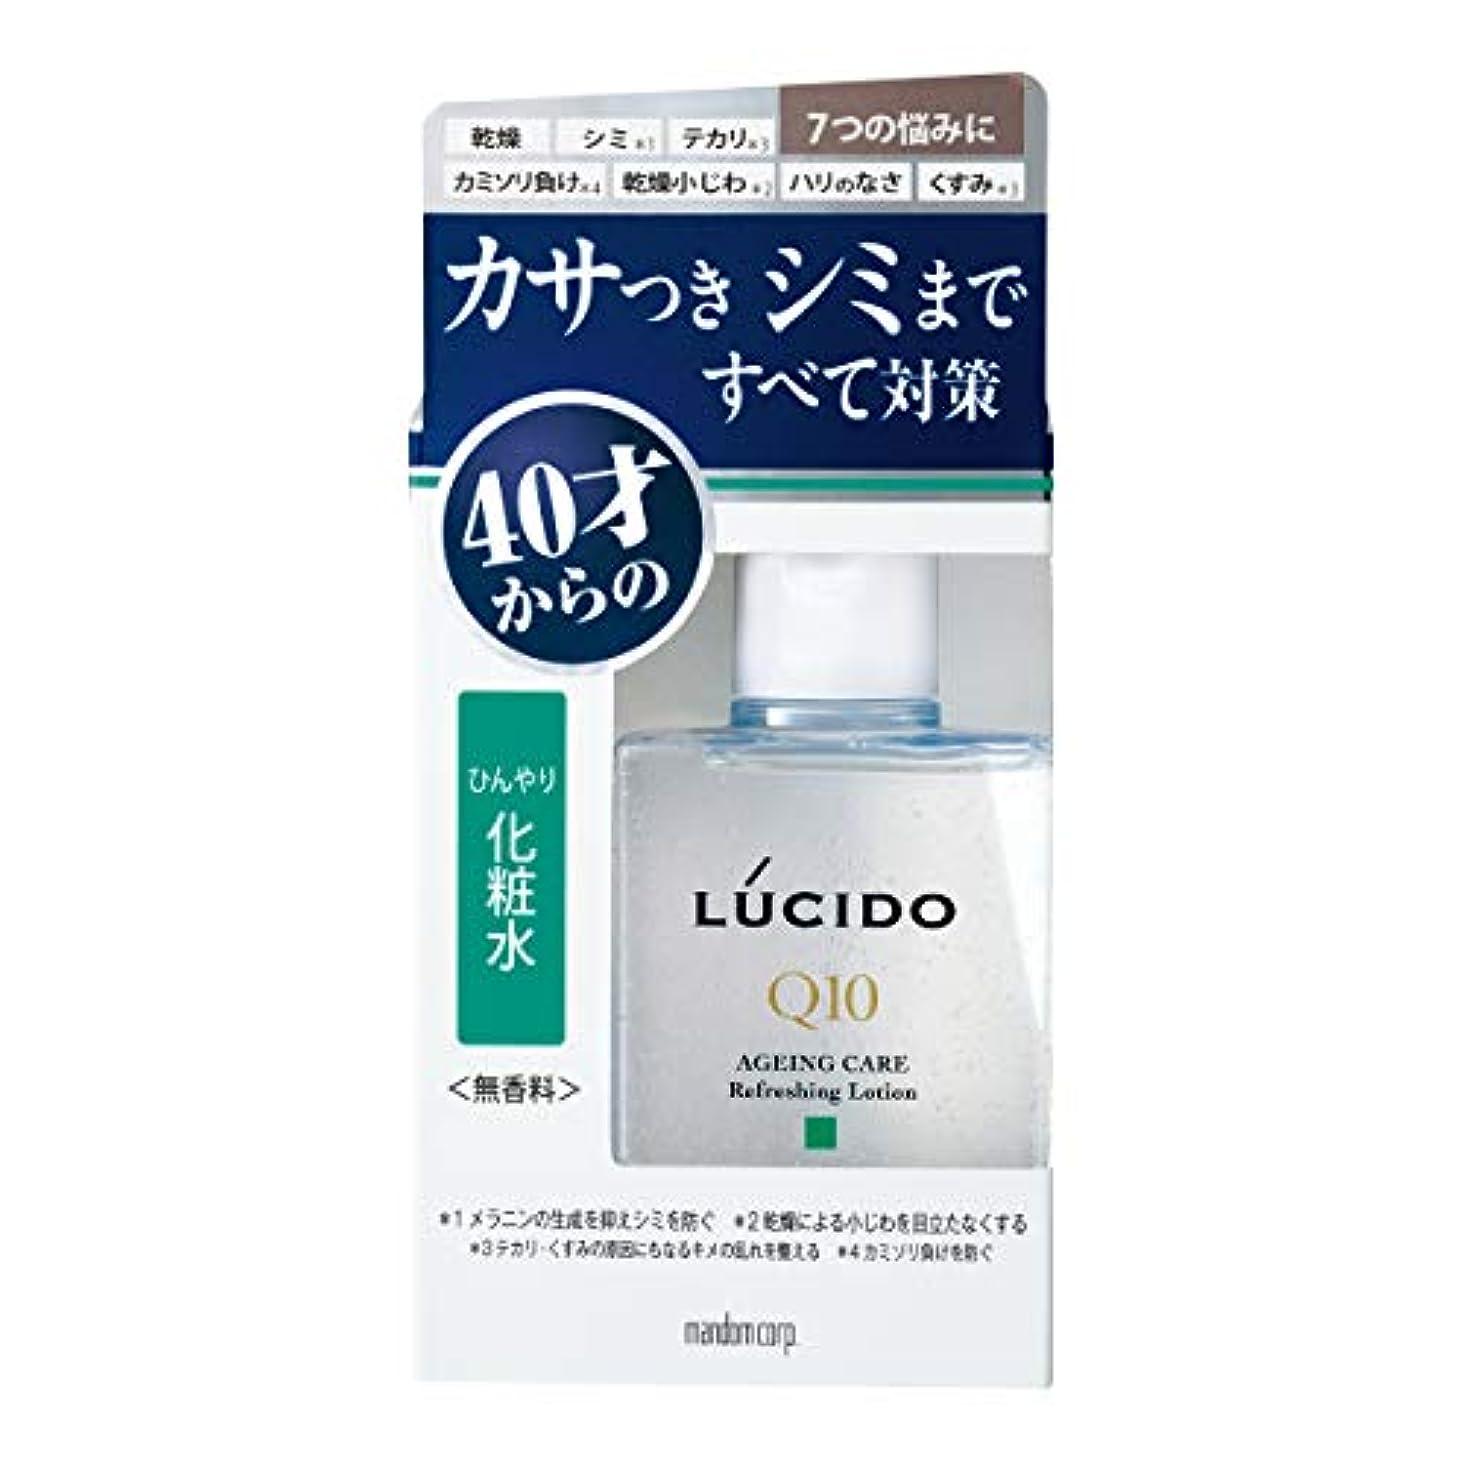 キャンドルスラムソーダ水ルシード(LUCIDO)薬用 トータルケアひんやり化粧水 メンズ スキンケア さっぱり 110ml(医薬部外品)